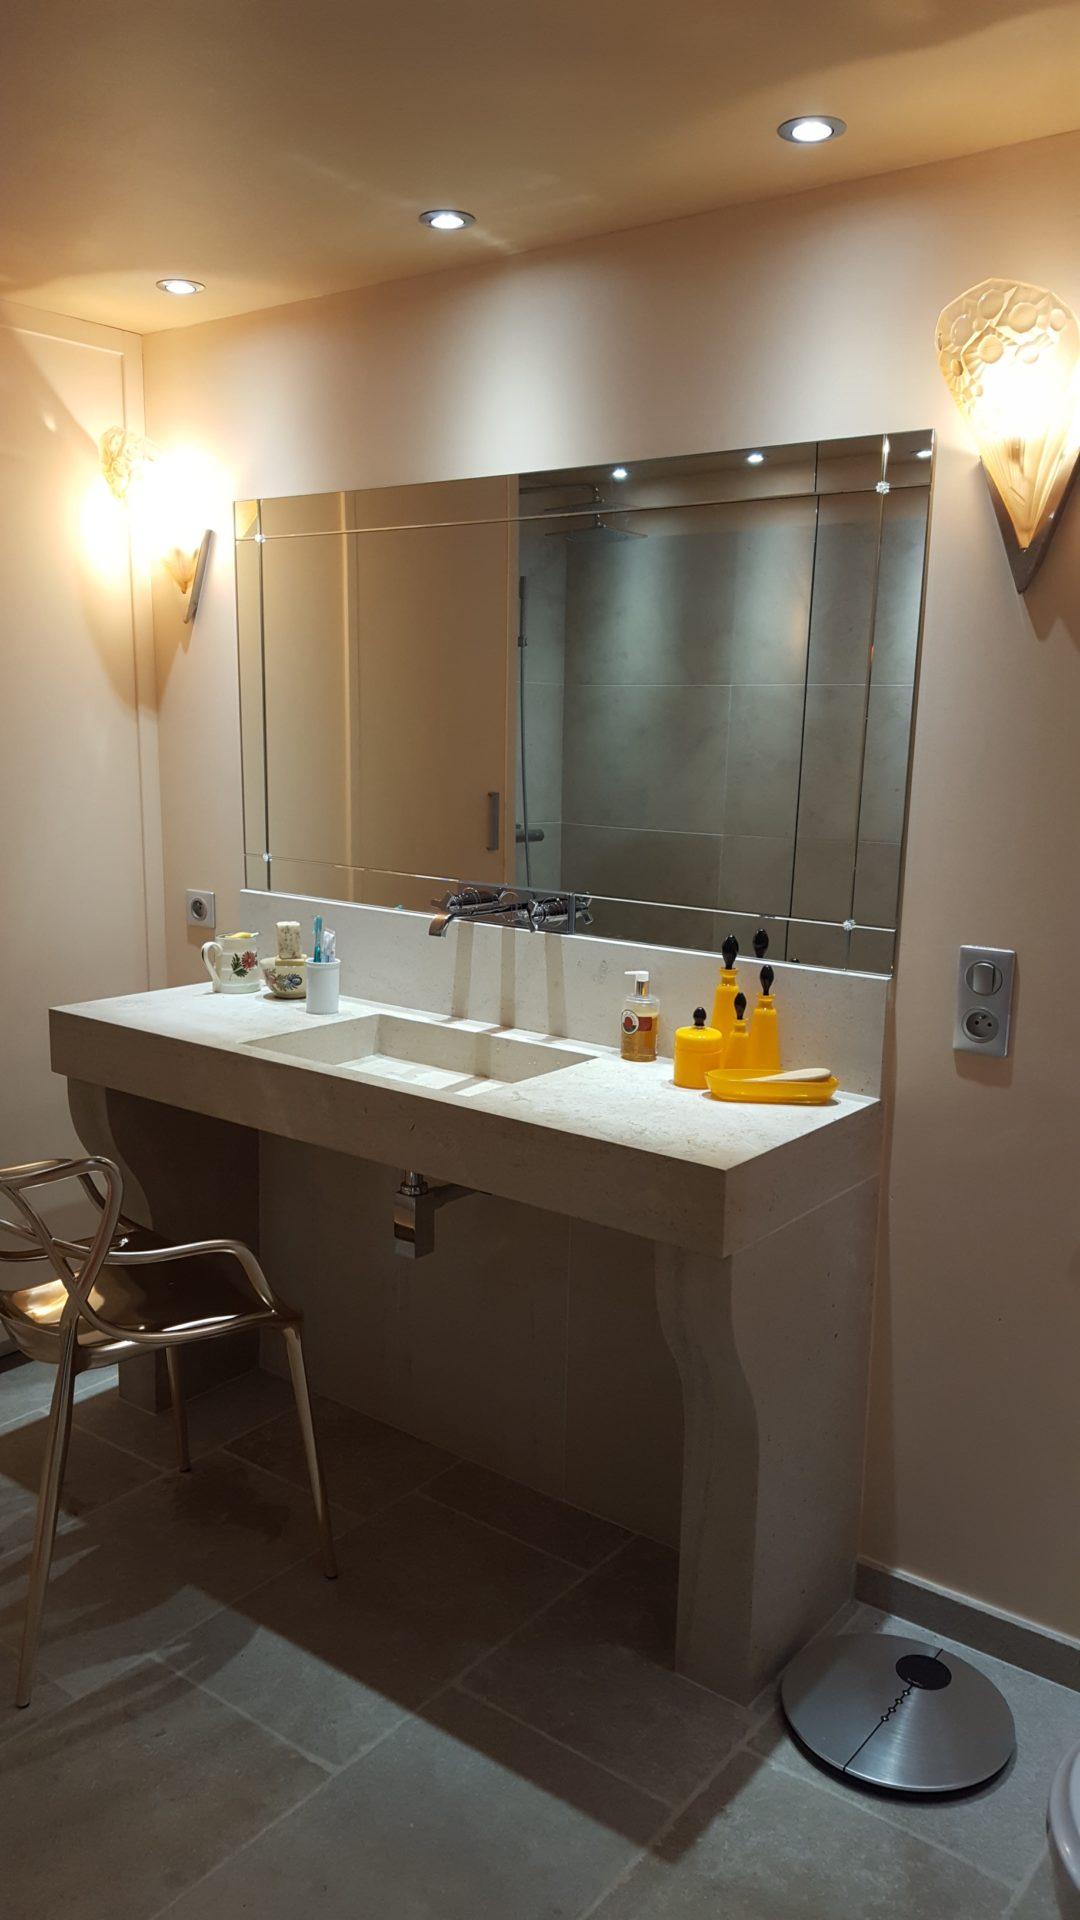 plan de travail en pierre pour salle de bain